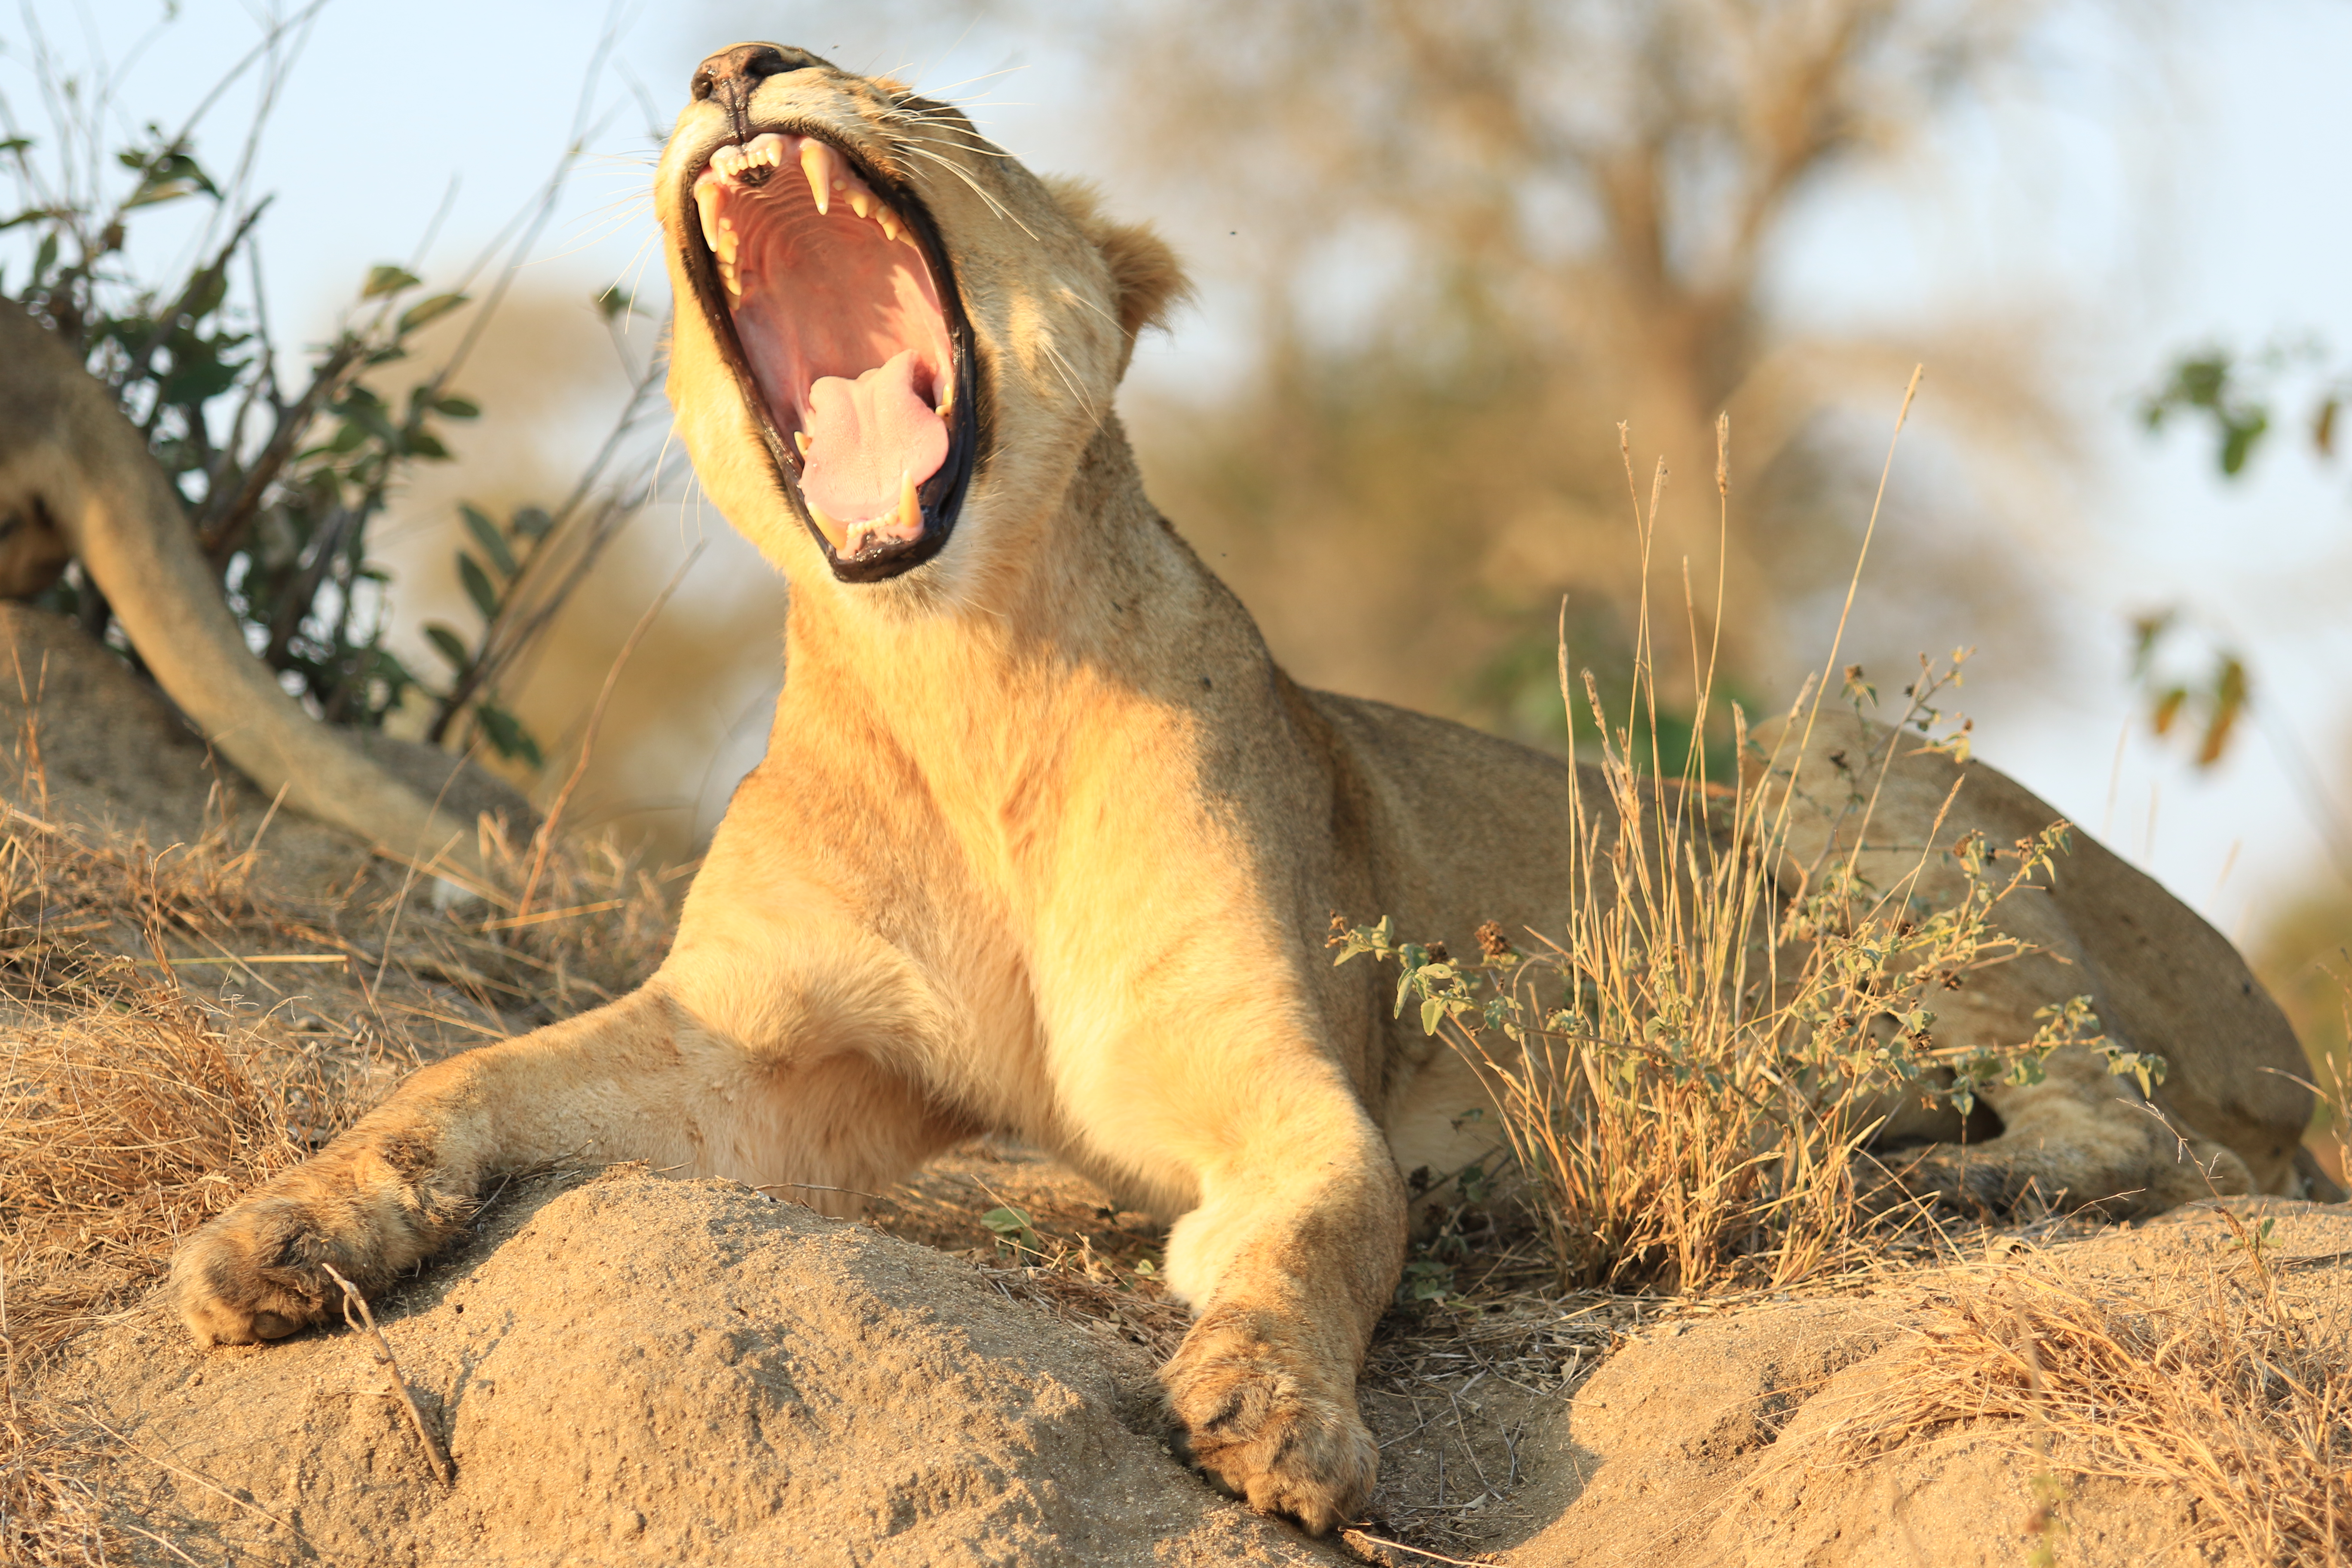 CM-Travels_-Lionness